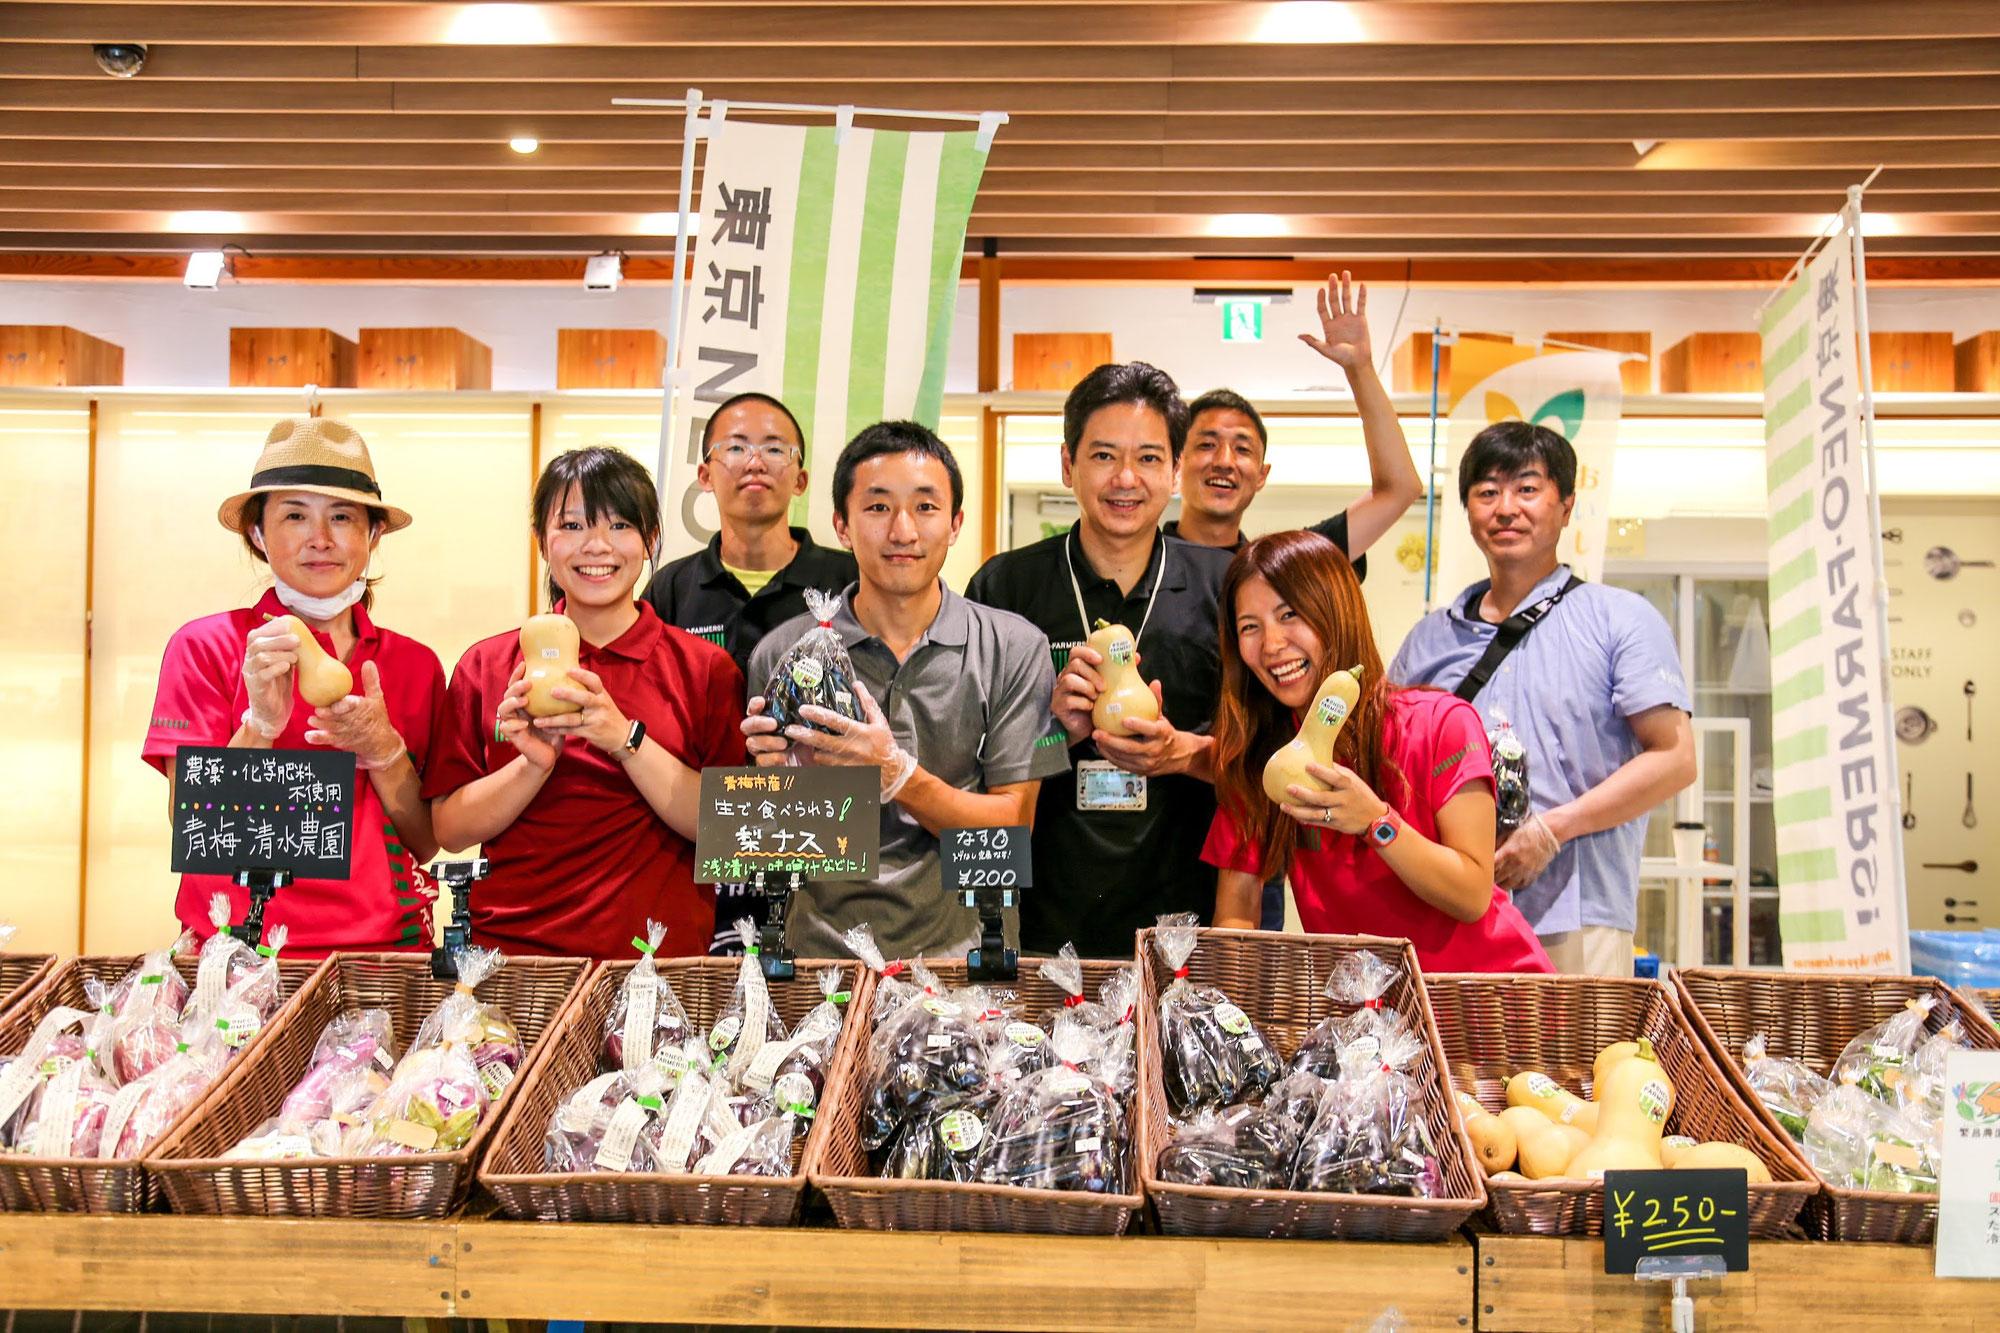 【現代の農業観・農地観】東京都農業会議松澤さんが掲載されました!